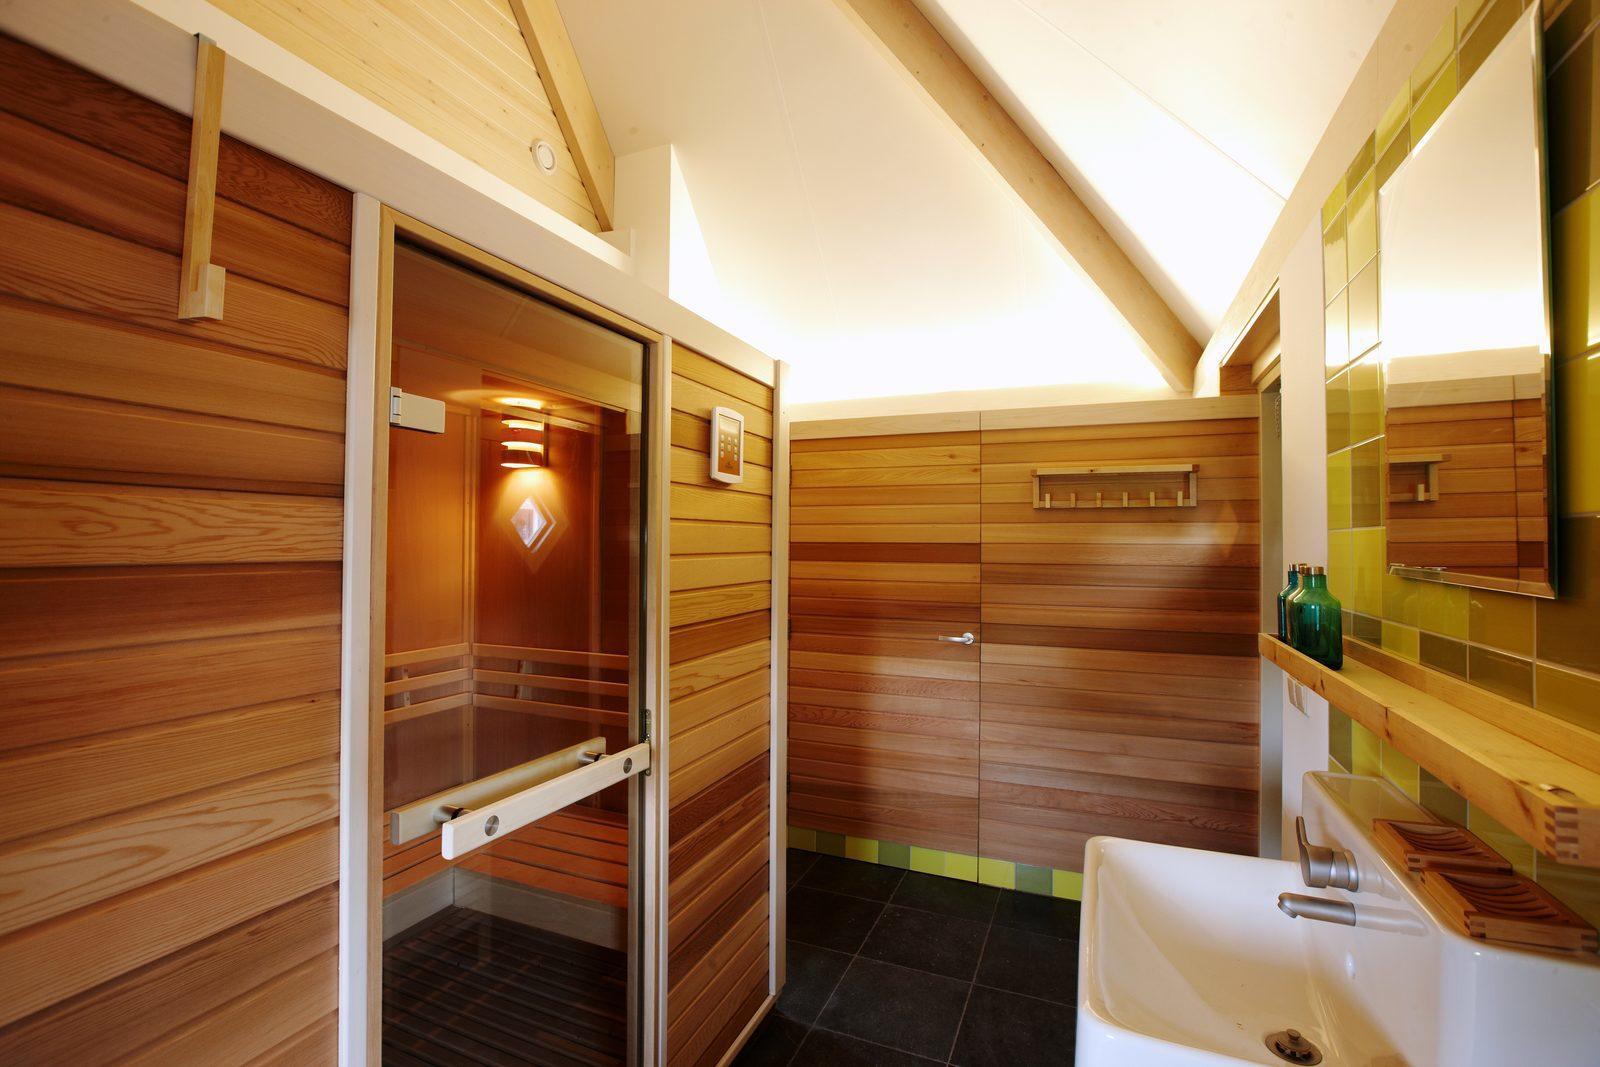 Nederland, Overijssel, Hellendoorn, vakantiehuis, luxe, sauna, weekendje weg